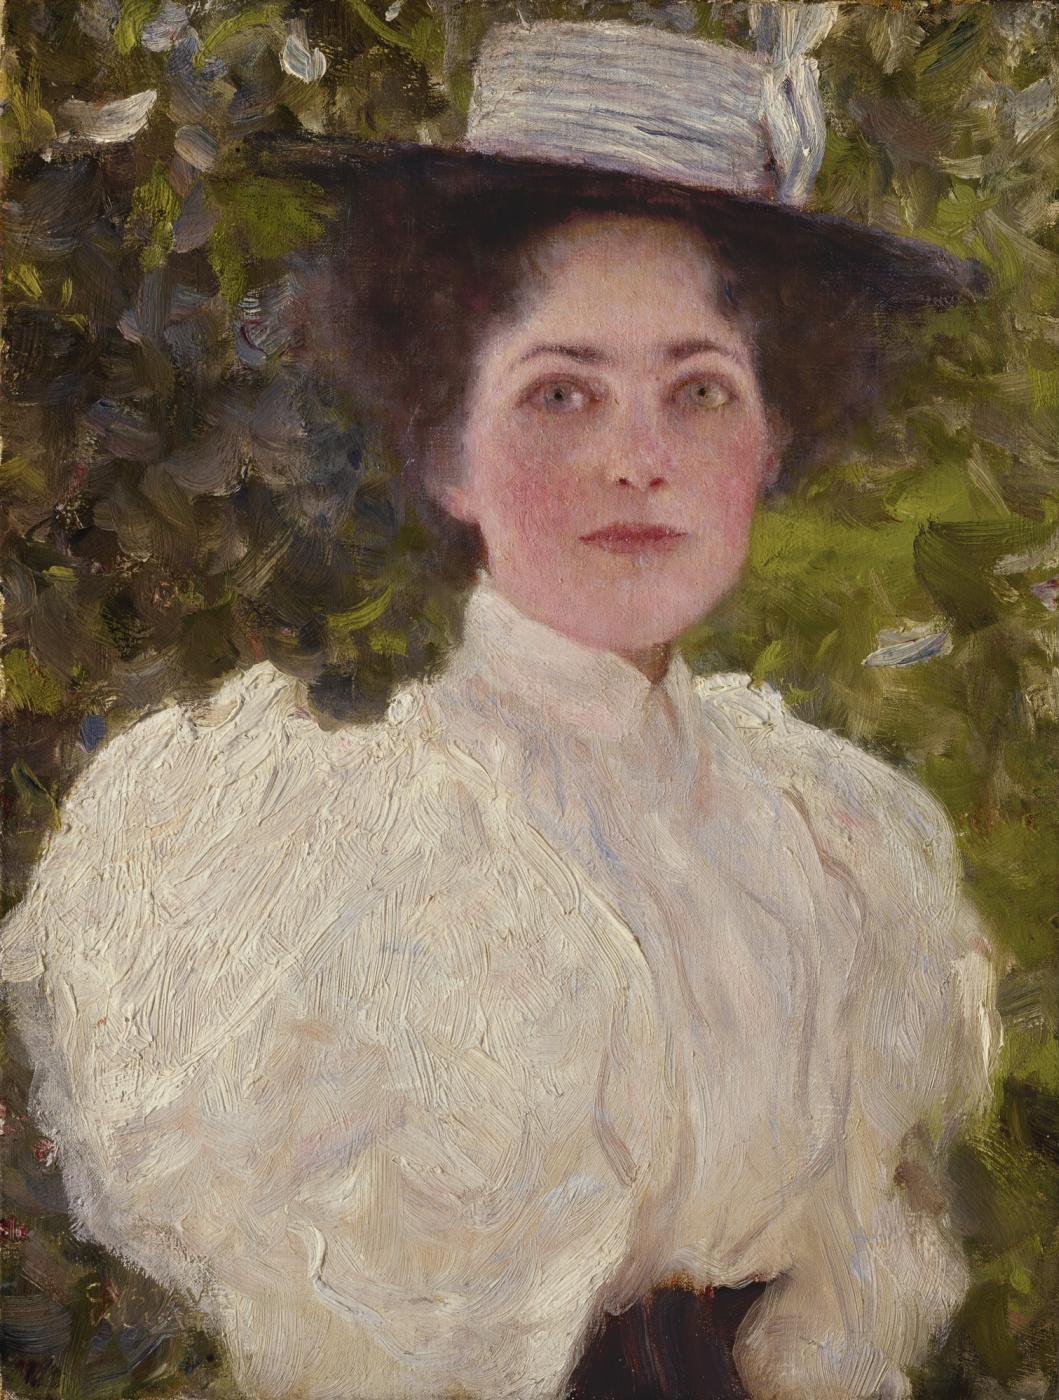 Gustav Klimt. The girl in the leaves